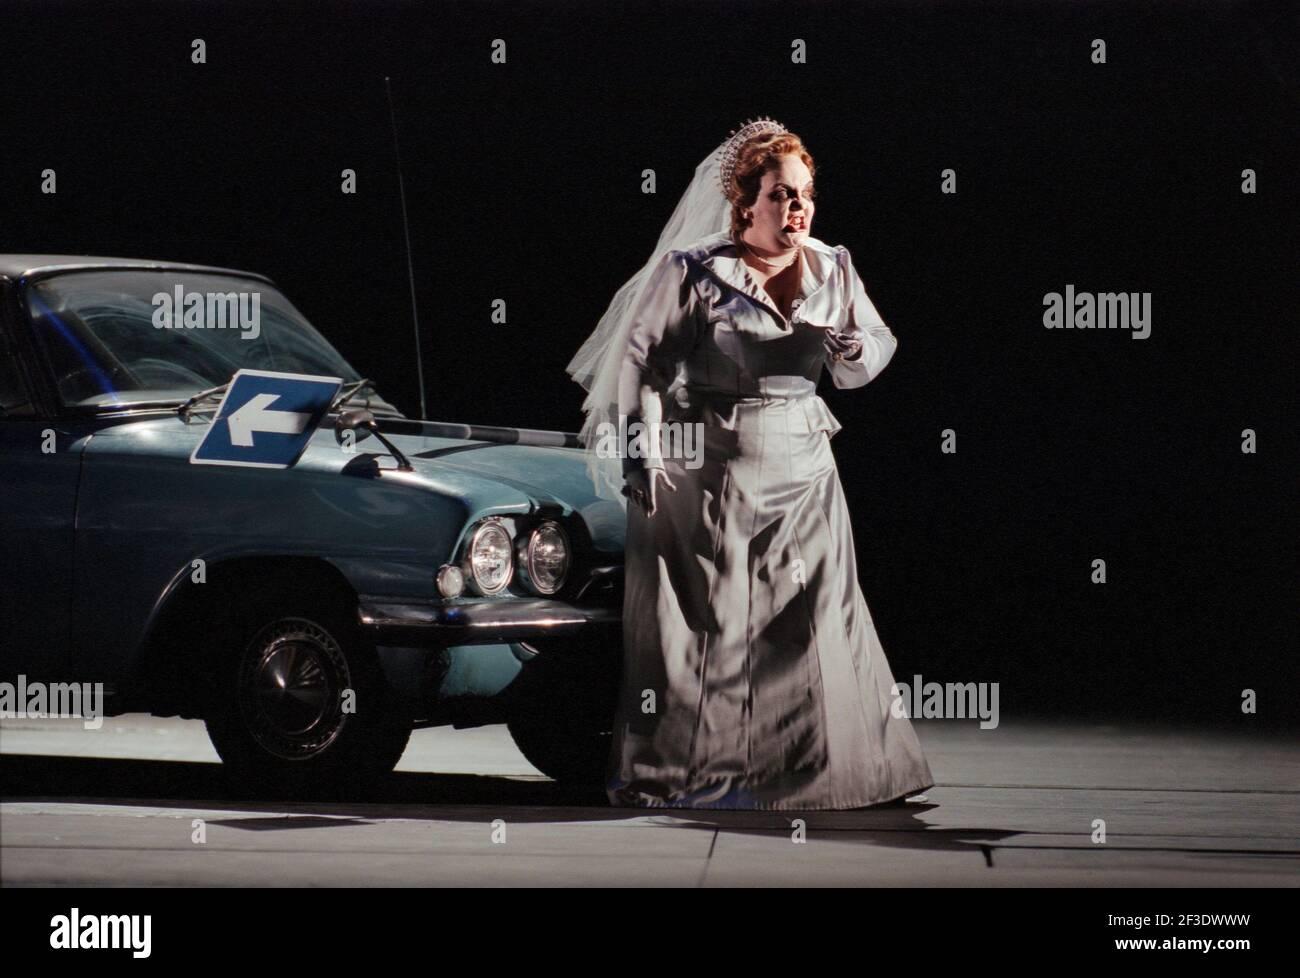 Jane Henschel (Fricka) in DIE tour par Wagner à l'Opéra Royal, Covent Garden, Londres WC2 30/09/1996 chef d'orchestre: Bernard Haitink design: Nigel Lowery éclairage: Pat Collins directeur: Richard Jones Banque D'Images